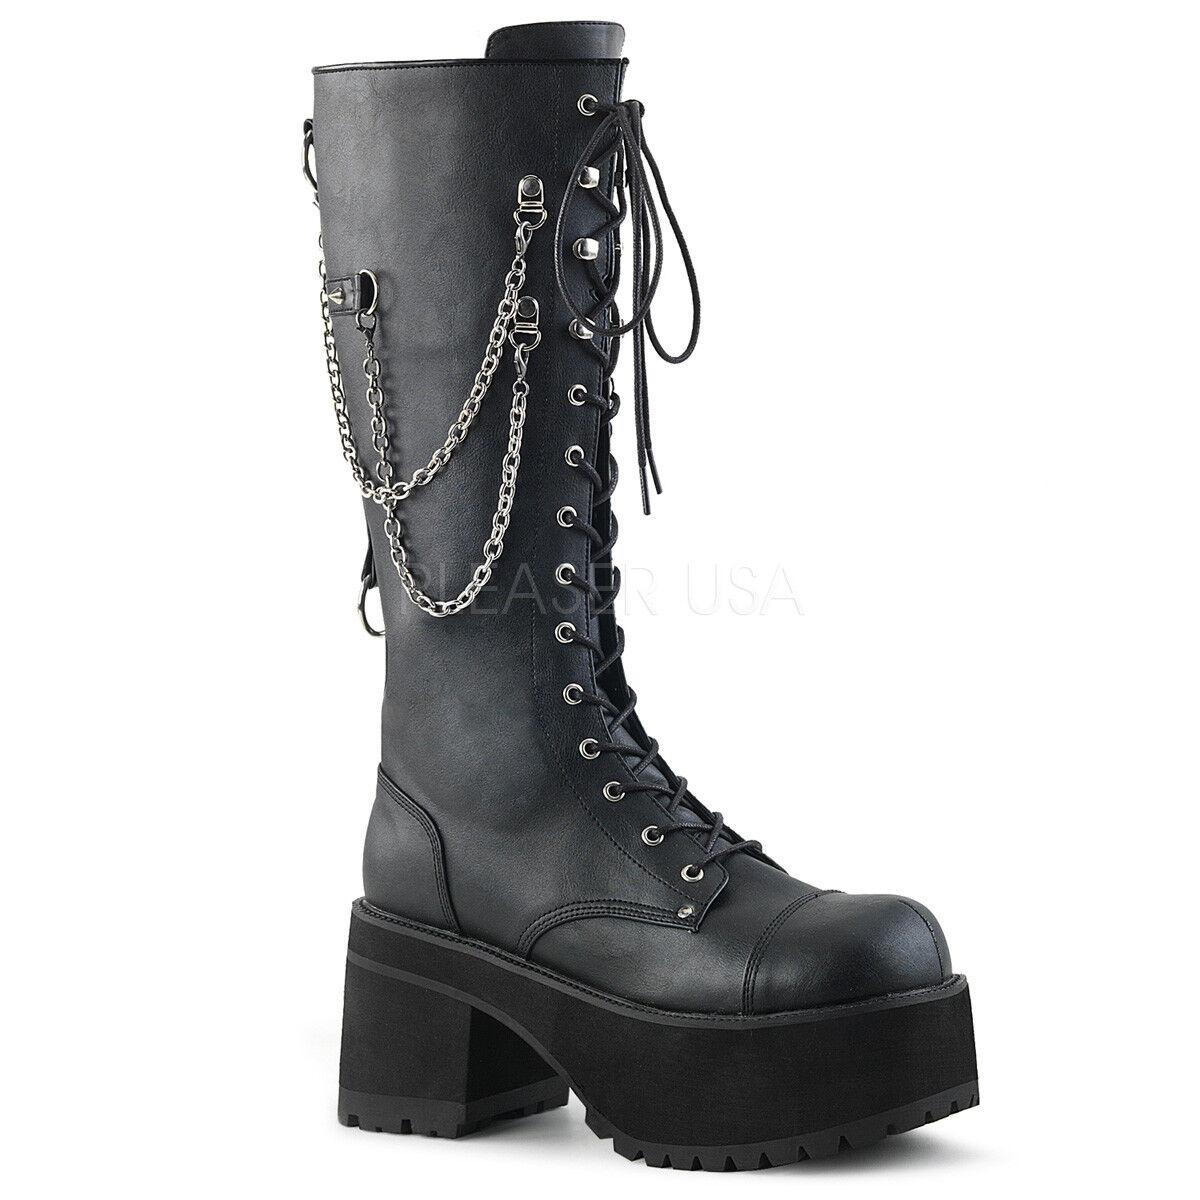 DEMONIA RAN303 BVL Homme Gothique Punk Vegan noir Plateforme Genou bottes Avec Chaînes